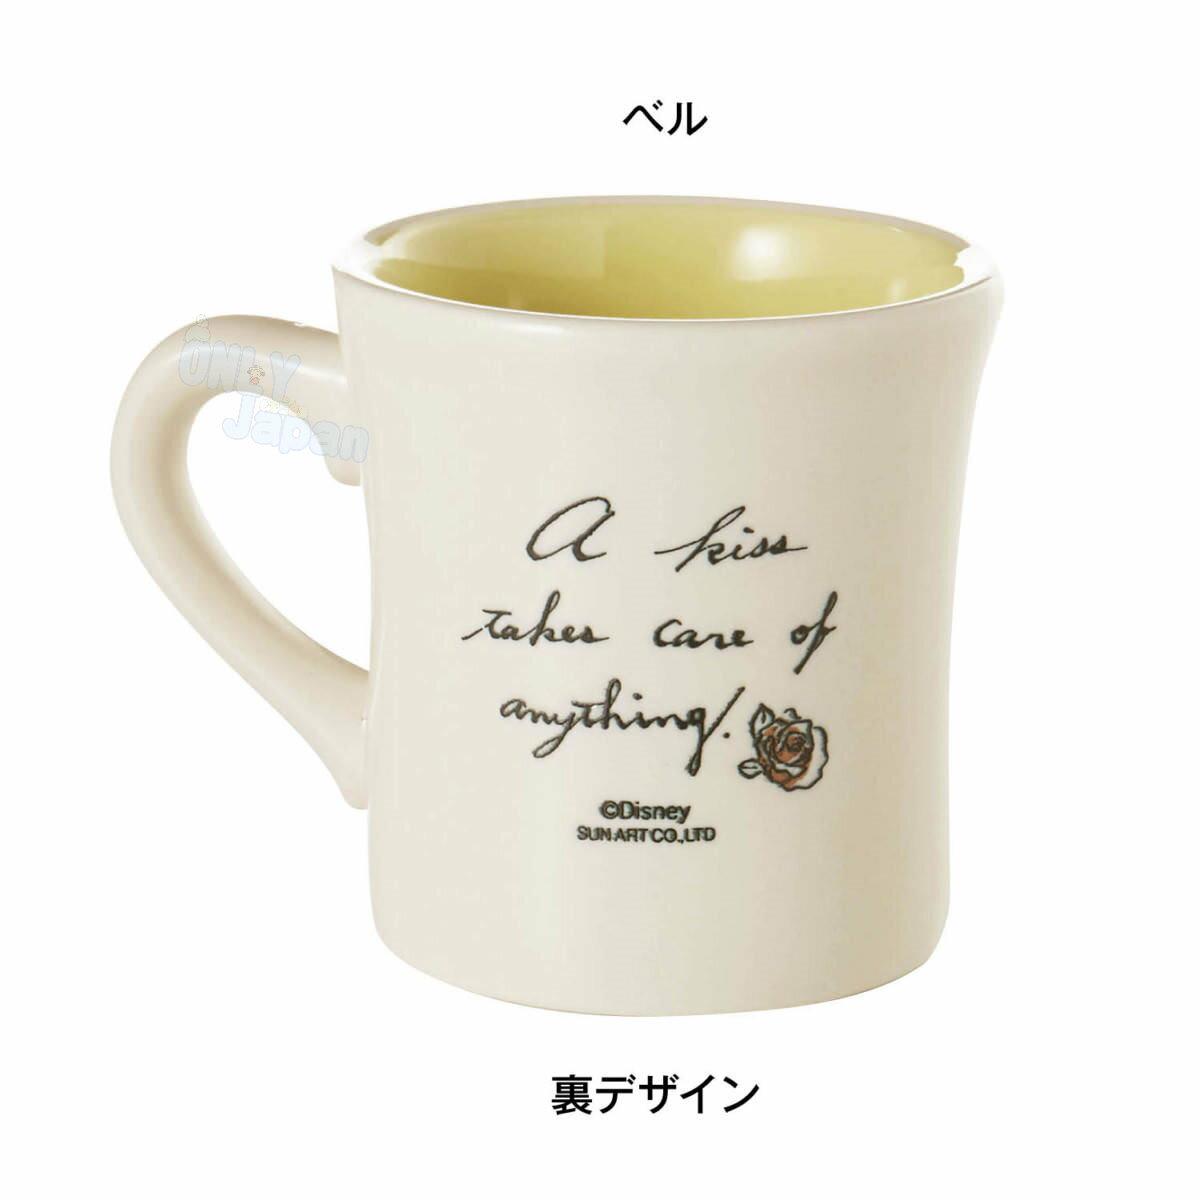 日本製 陶瓷馬克杯 公主 貝兒 迪士尼 馬克杯 水杯 杯子 單耳杯 杯 4942423240860 真愛日本